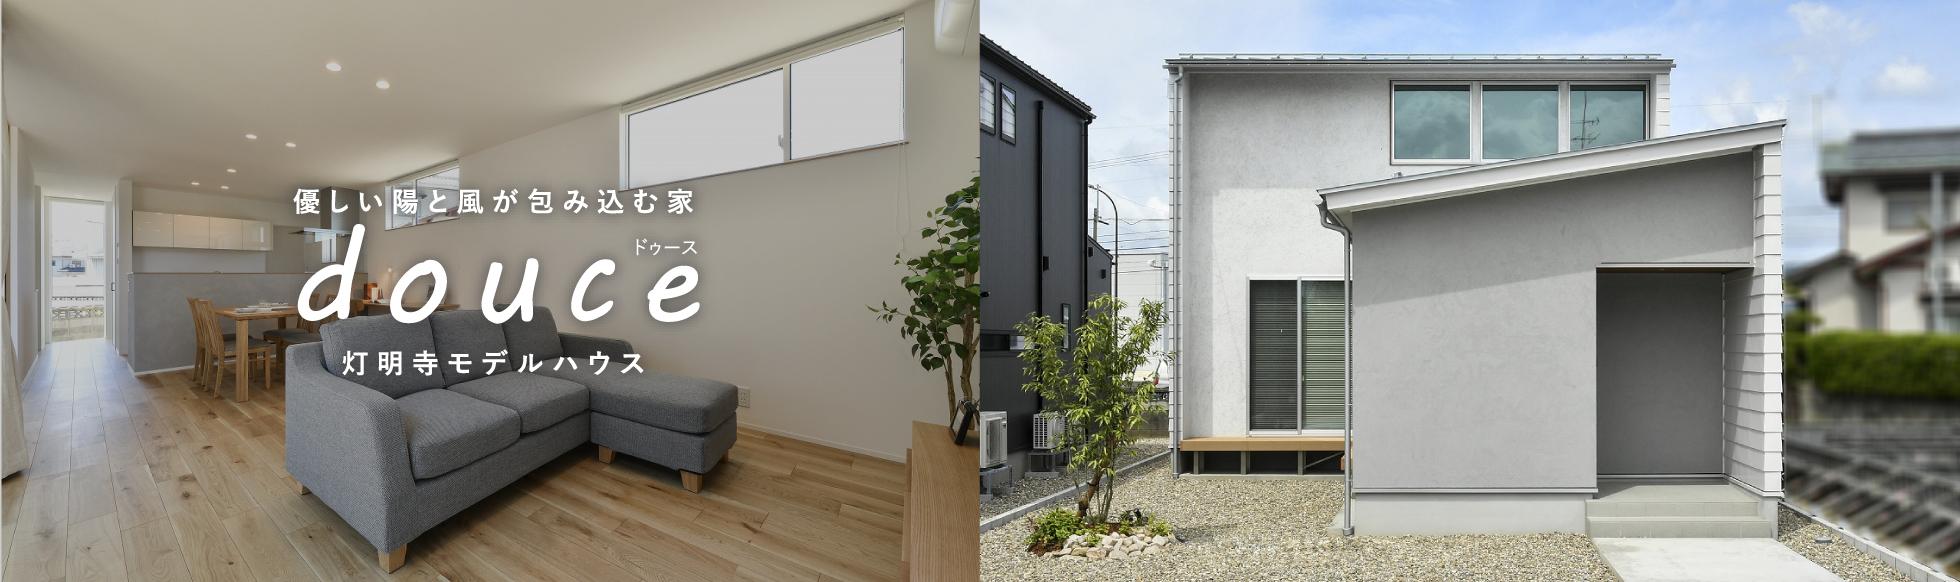 優しい陽と風が包み込む家「douce」灯明寺モデルハウス